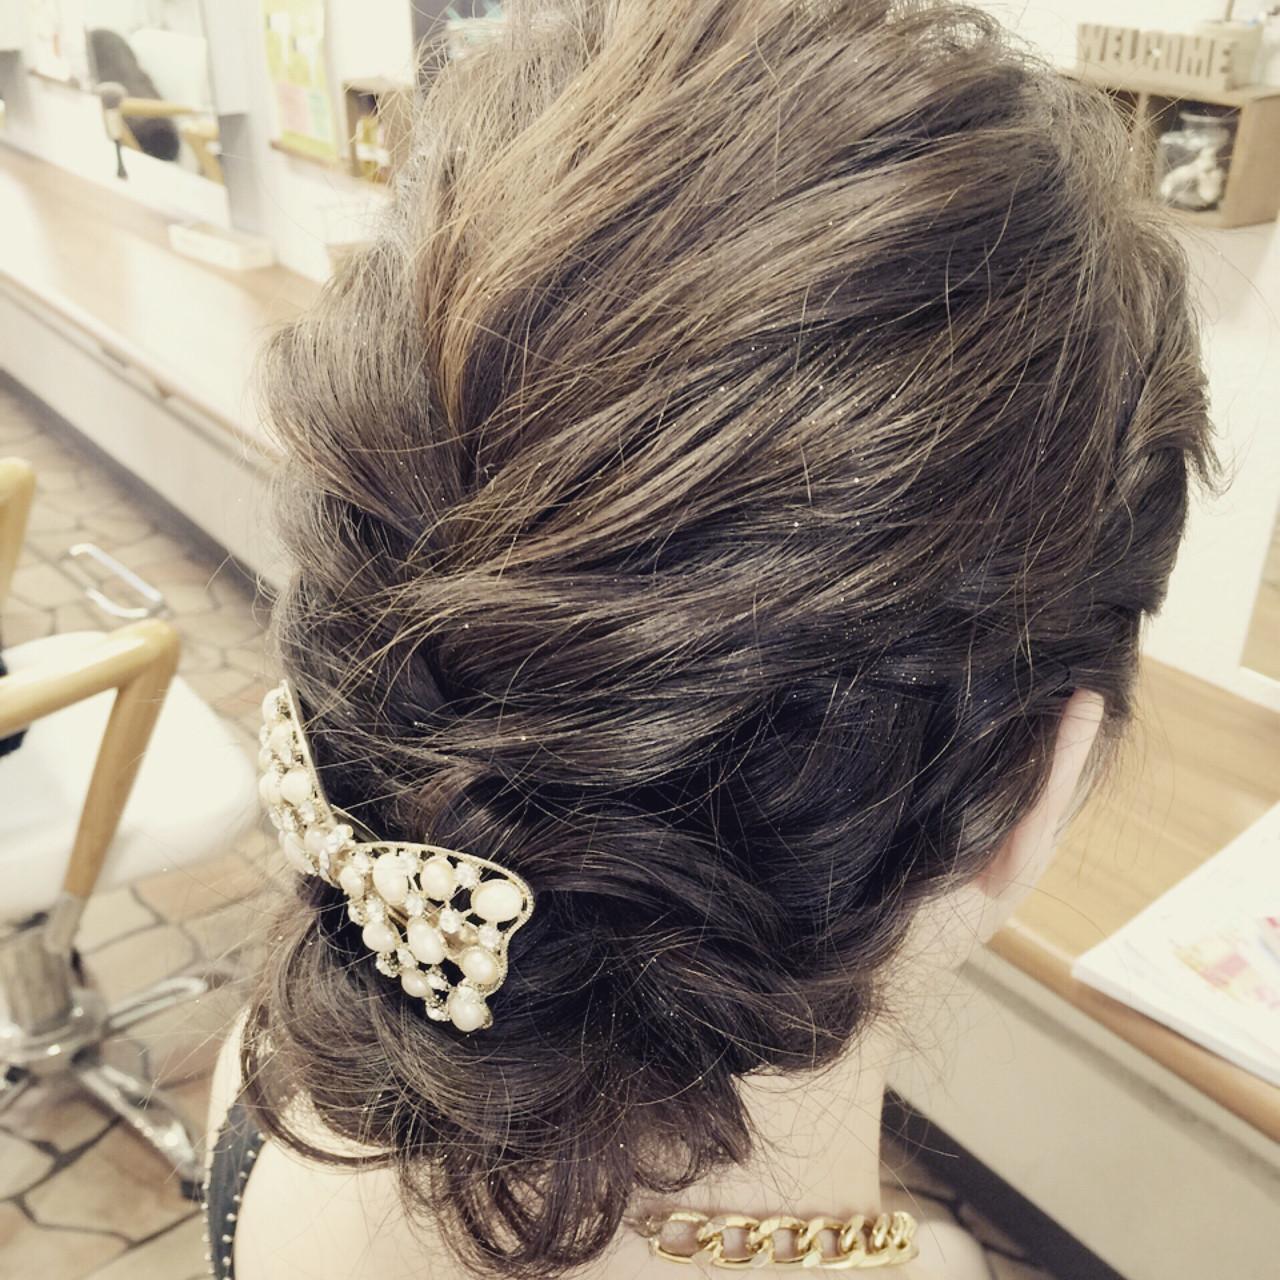 ミディアム 簡単ヘアアレンジ まとめ髪 ふんわり ヘアスタイルや髪型の写真・画像